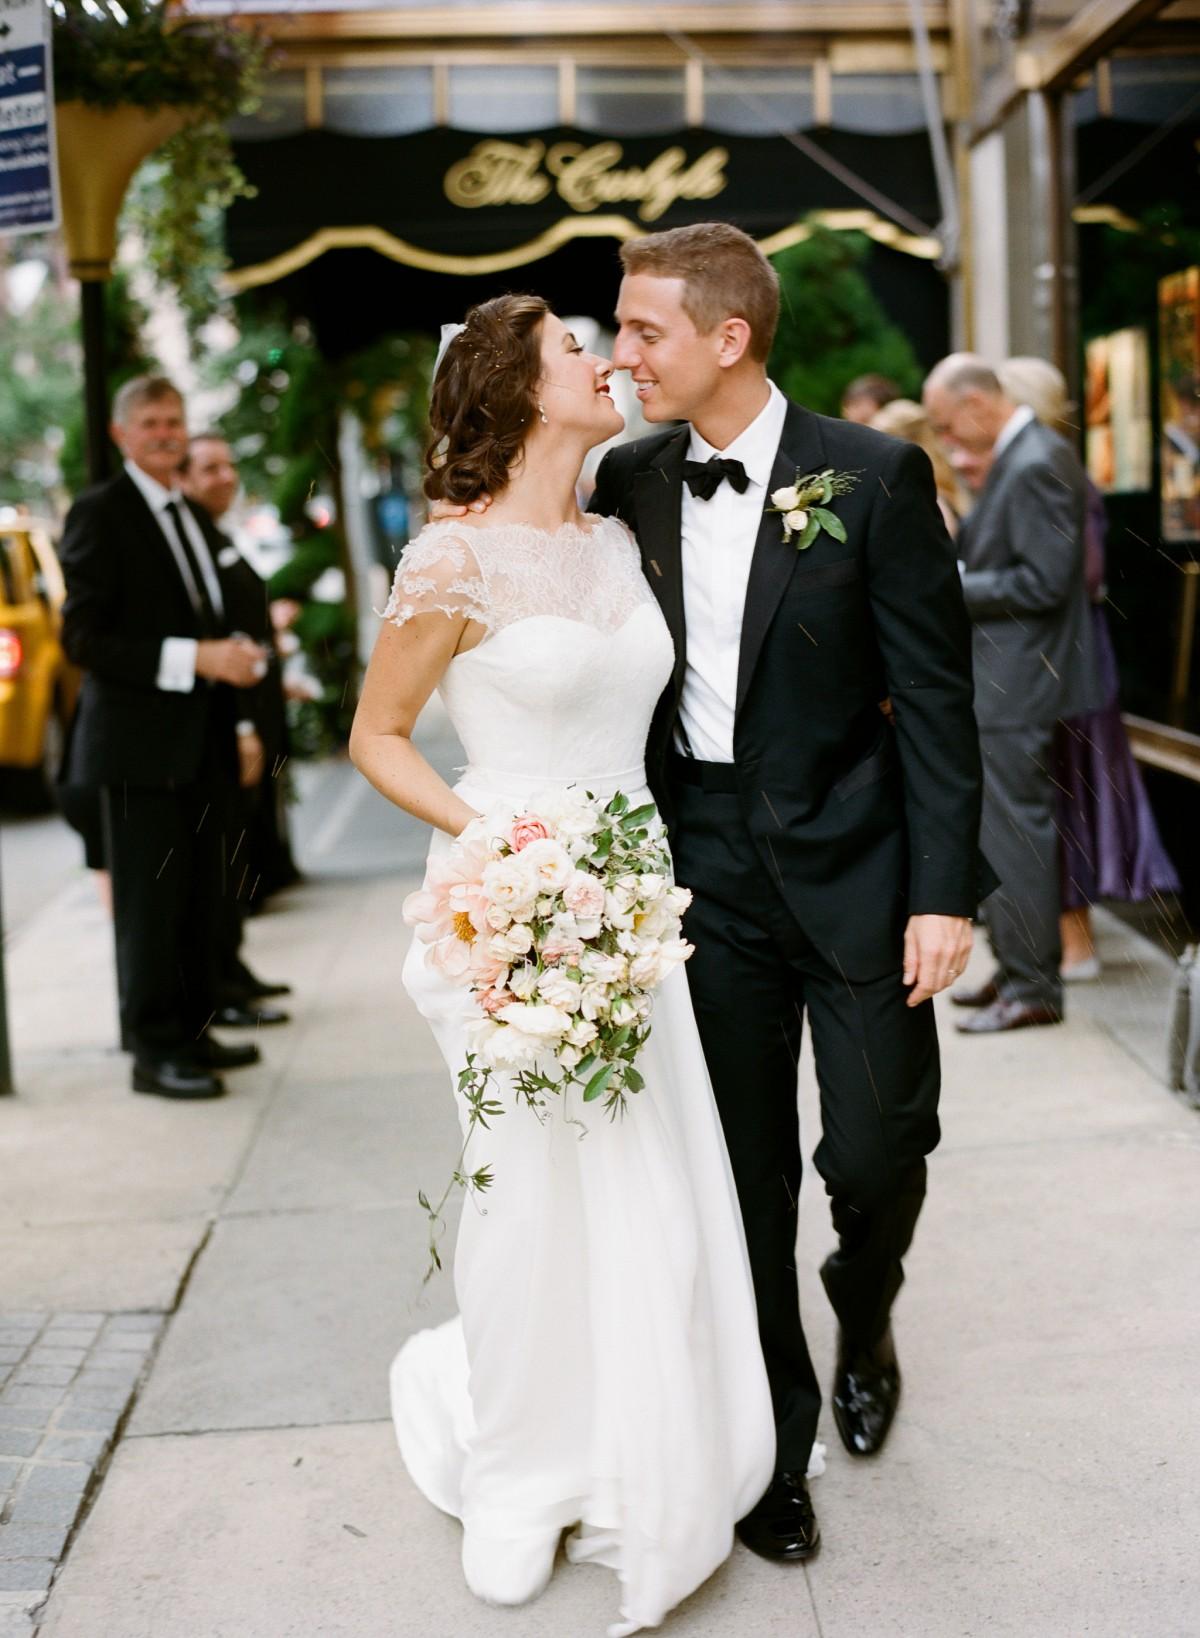 Свадьбы без белого платья